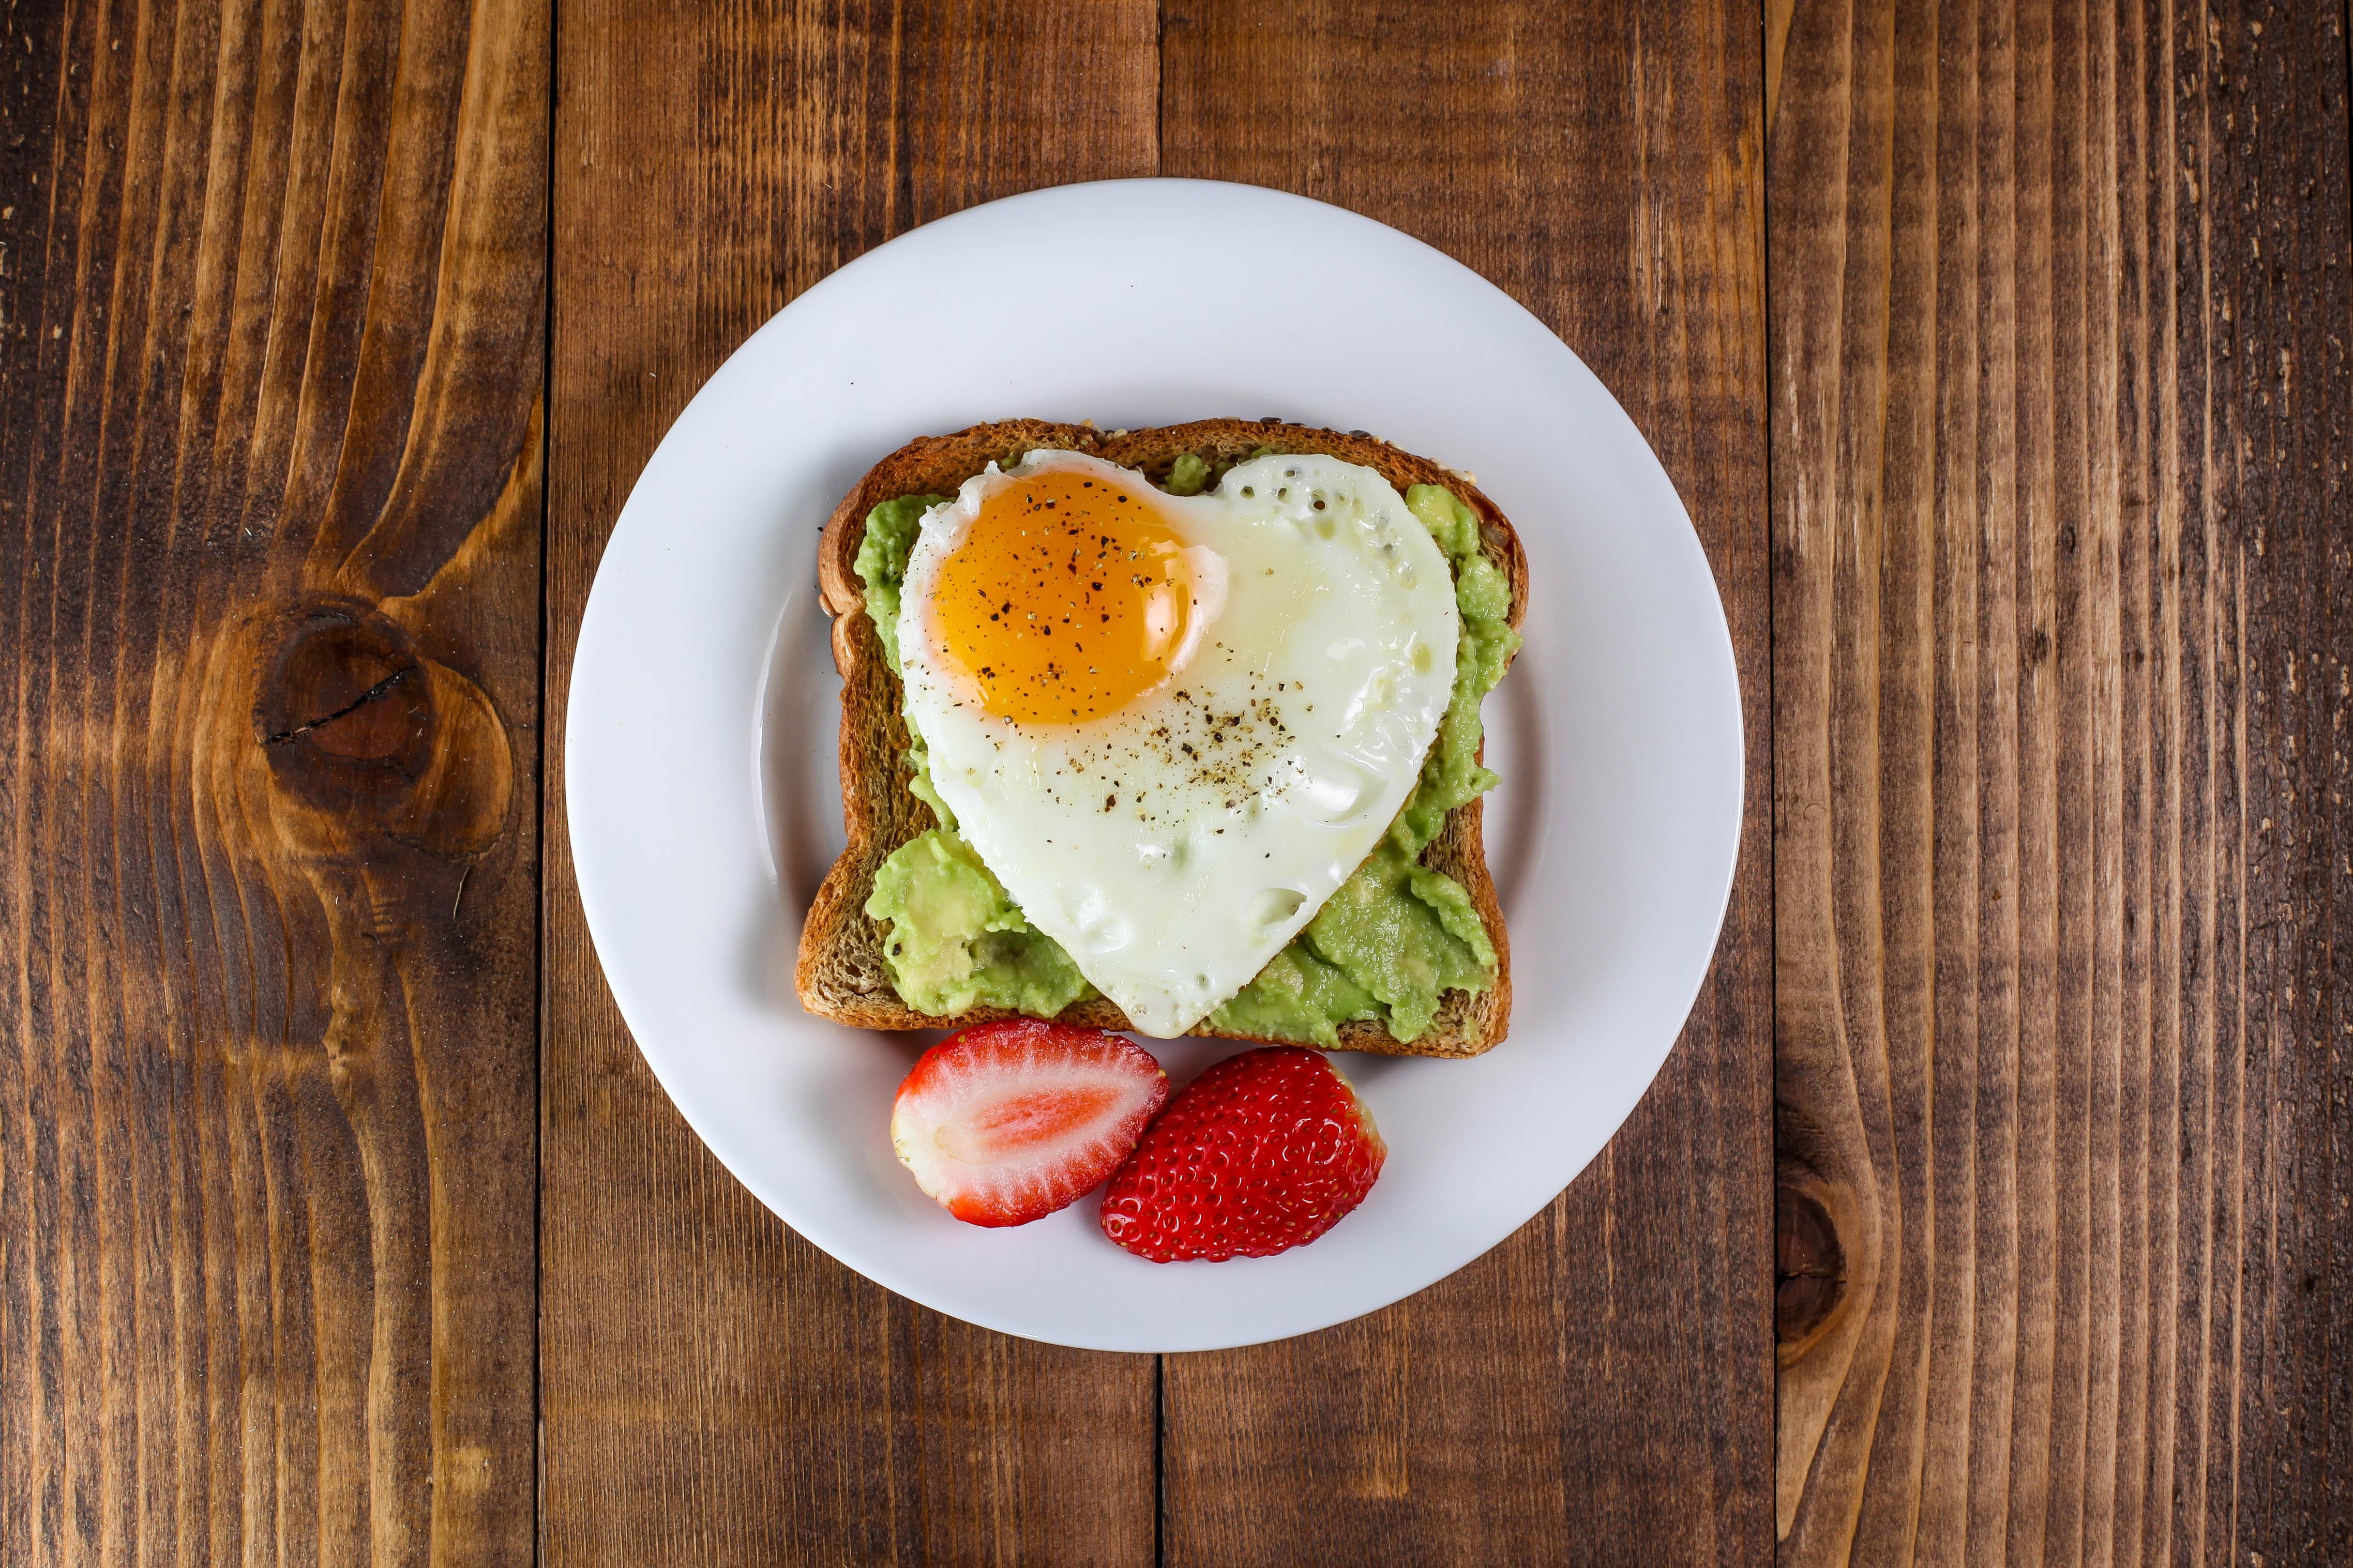 spárga omlett az étrendheze